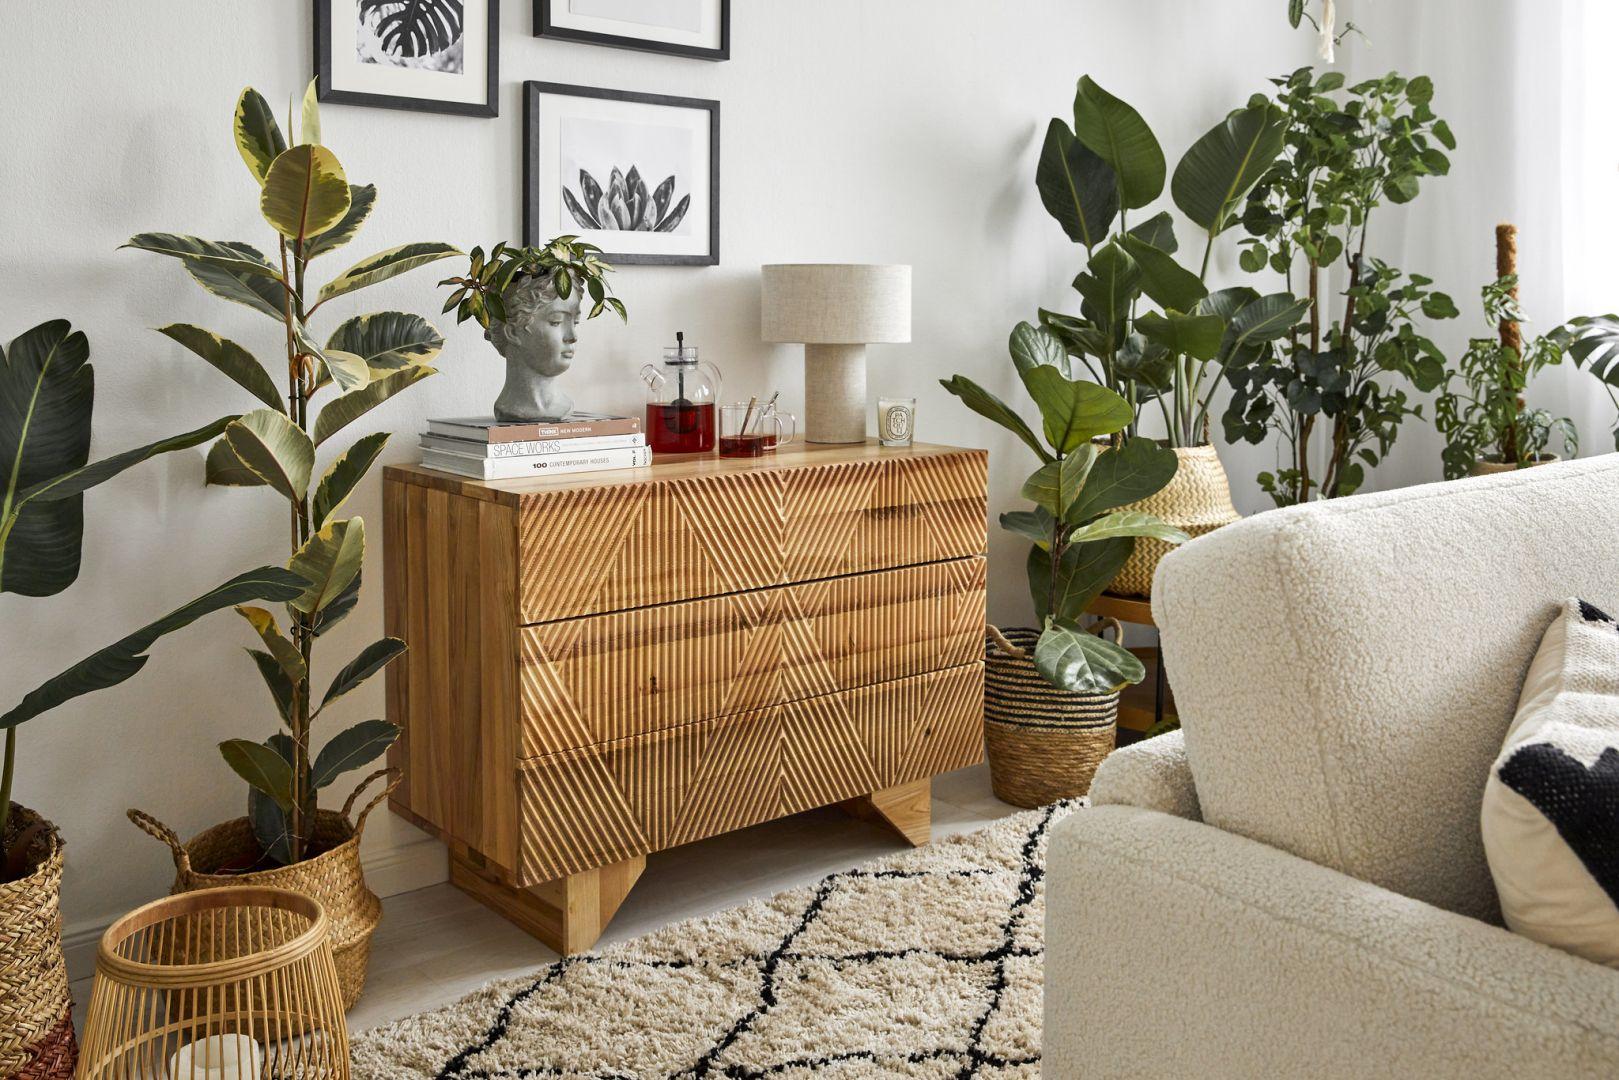 Meble vintage i drewno w salonie znakomicie się prezentują w otoczeniu zieleni. Fot. WestwingNow